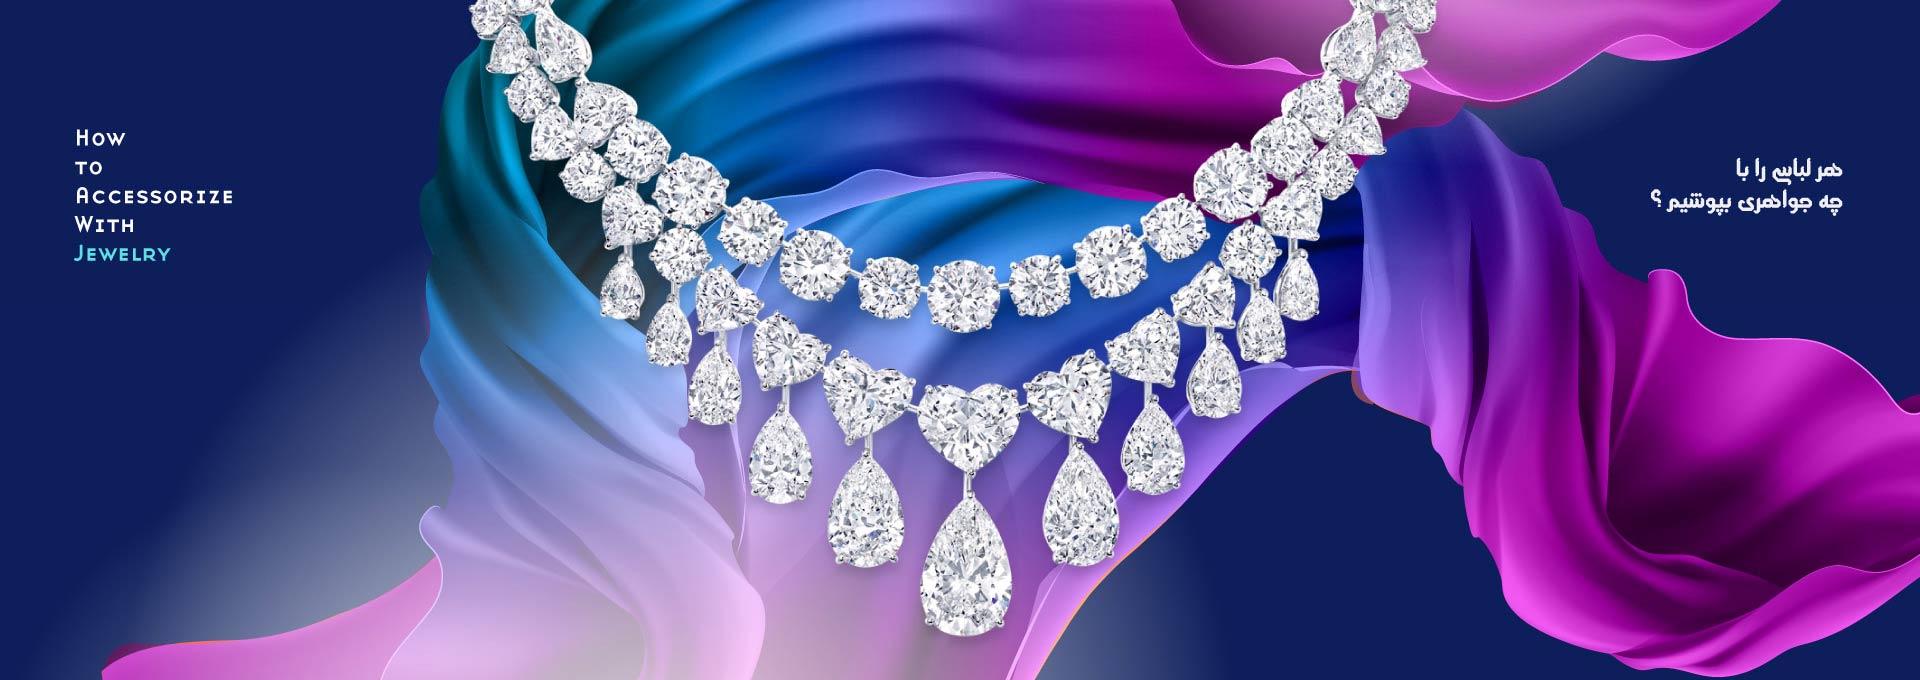 چگونه ست کردن لباس با جواهرات